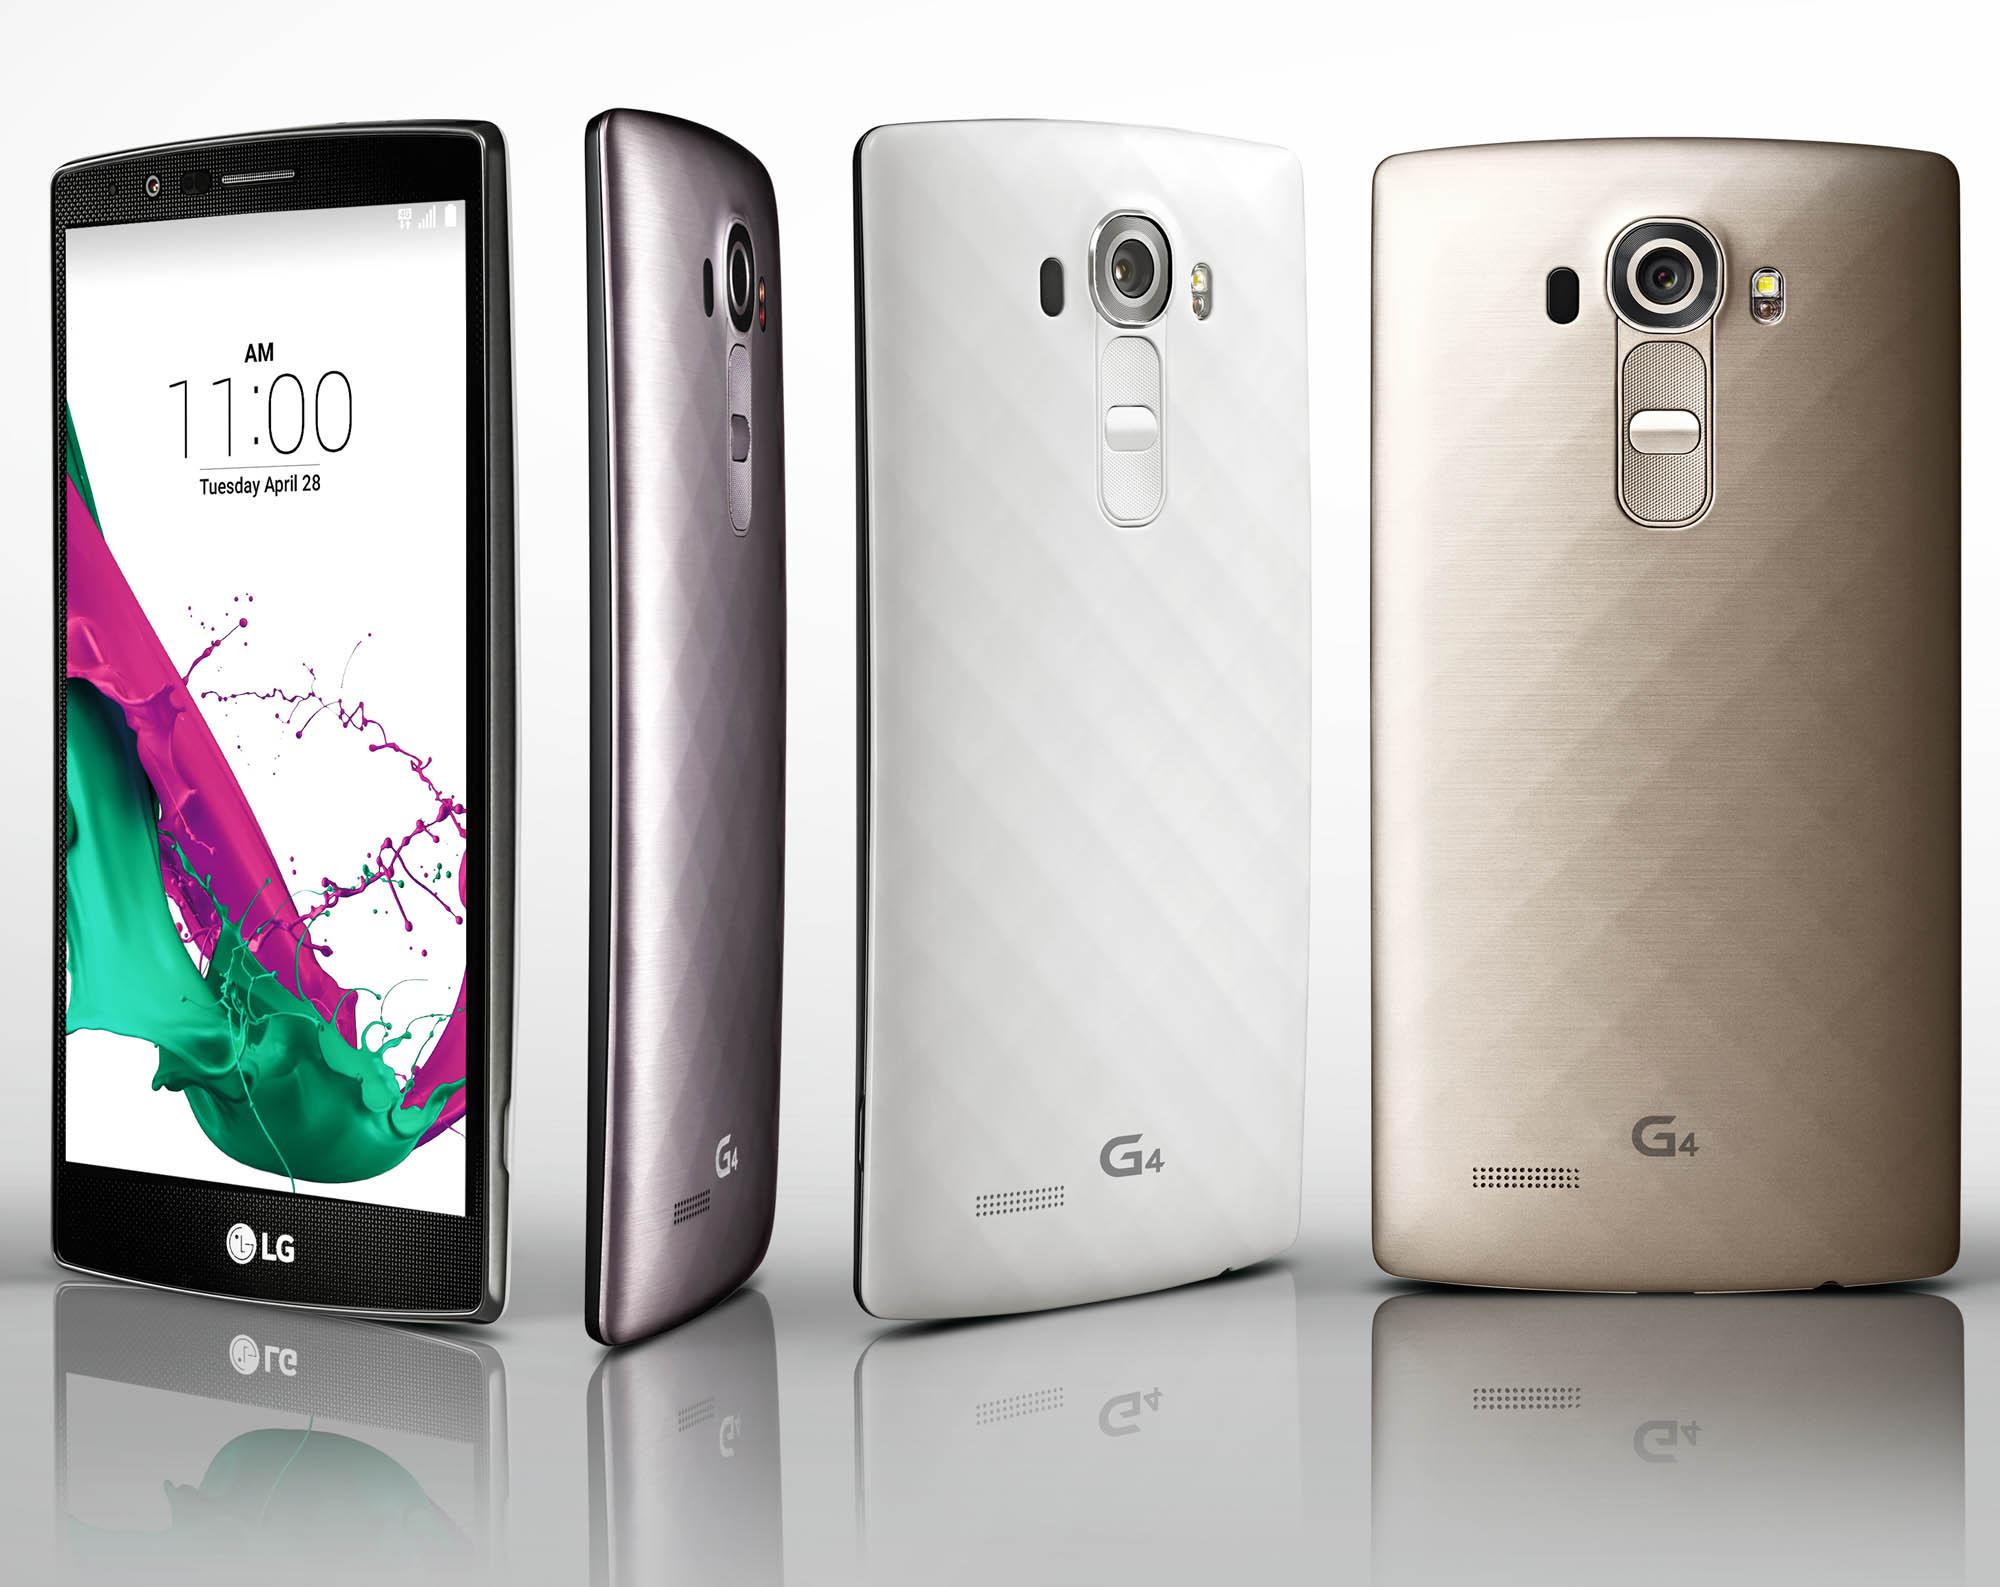 NUEVO SMARTPHONE LG G4, MÁS INTUITIVO CON INTERFAZ UX4.0